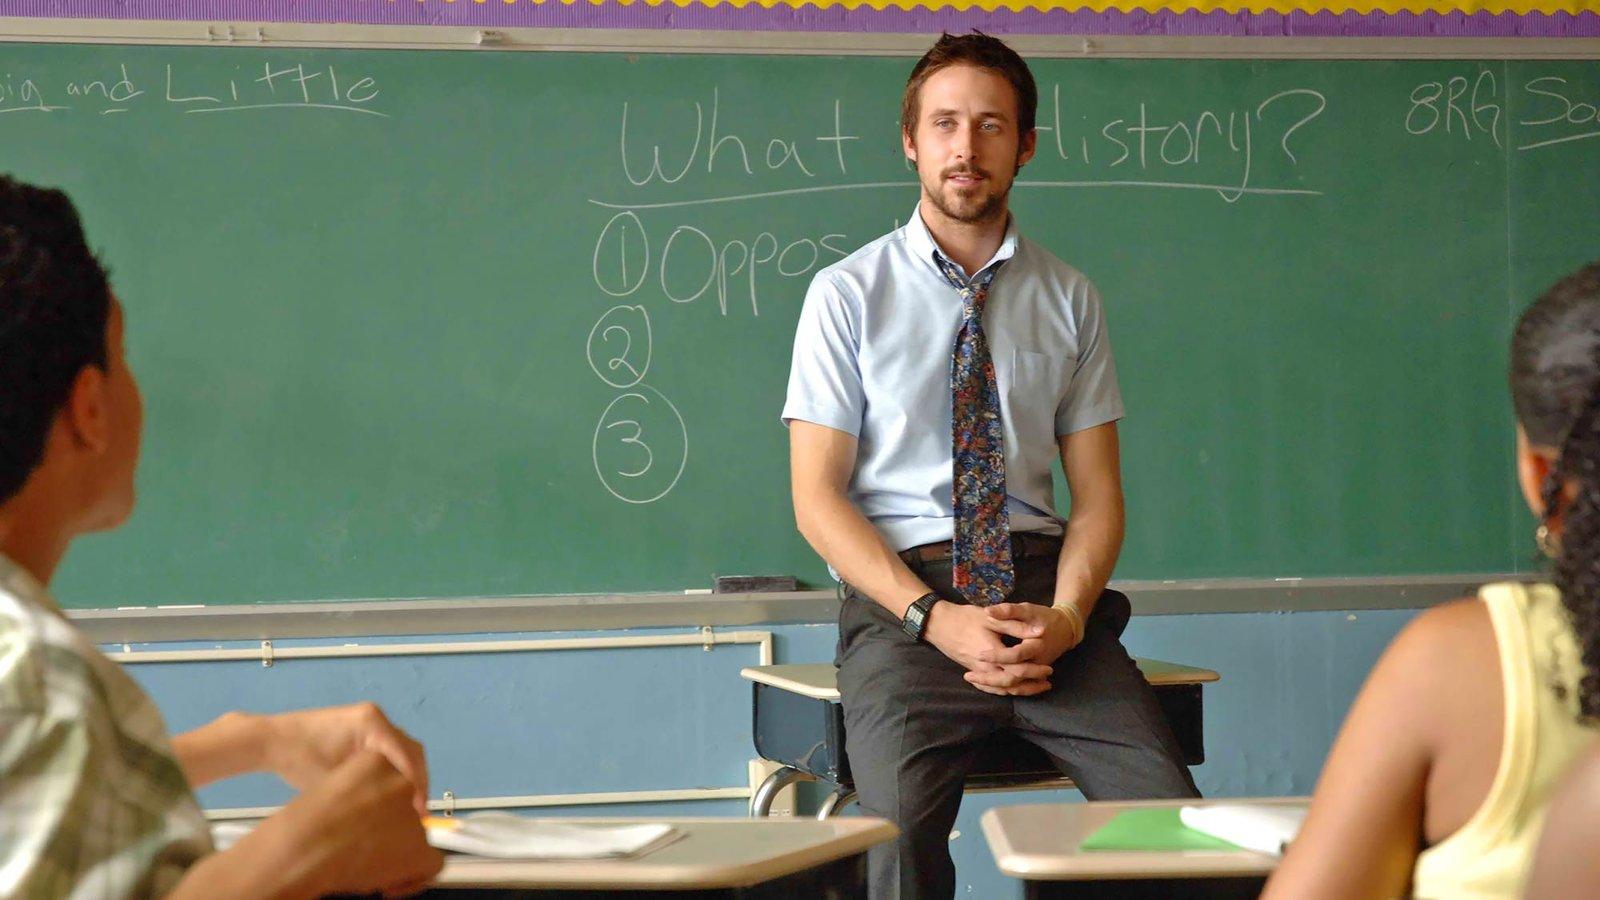 20 Filmden 20 Çarpıcı Öğretmen Repliği, İLK EVİN - Özel Eğitim ve Rehabilitasyon Merkezi